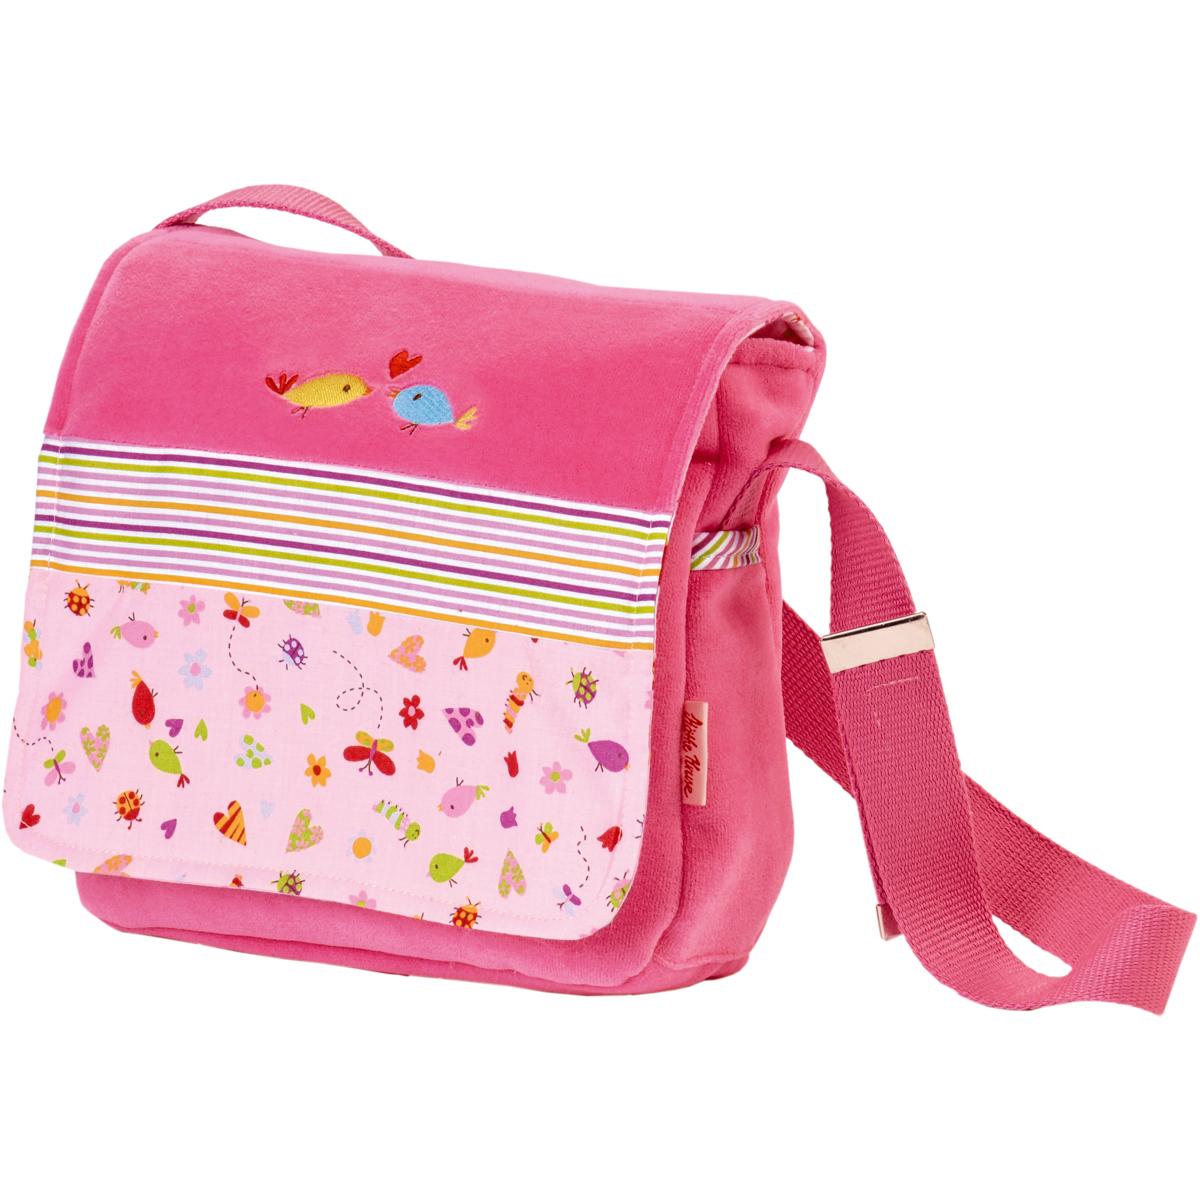 sac pour maternelle dans le jardin 0179194 achat vente bagagerie enfant sur. Black Bedroom Furniture Sets. Home Design Ideas